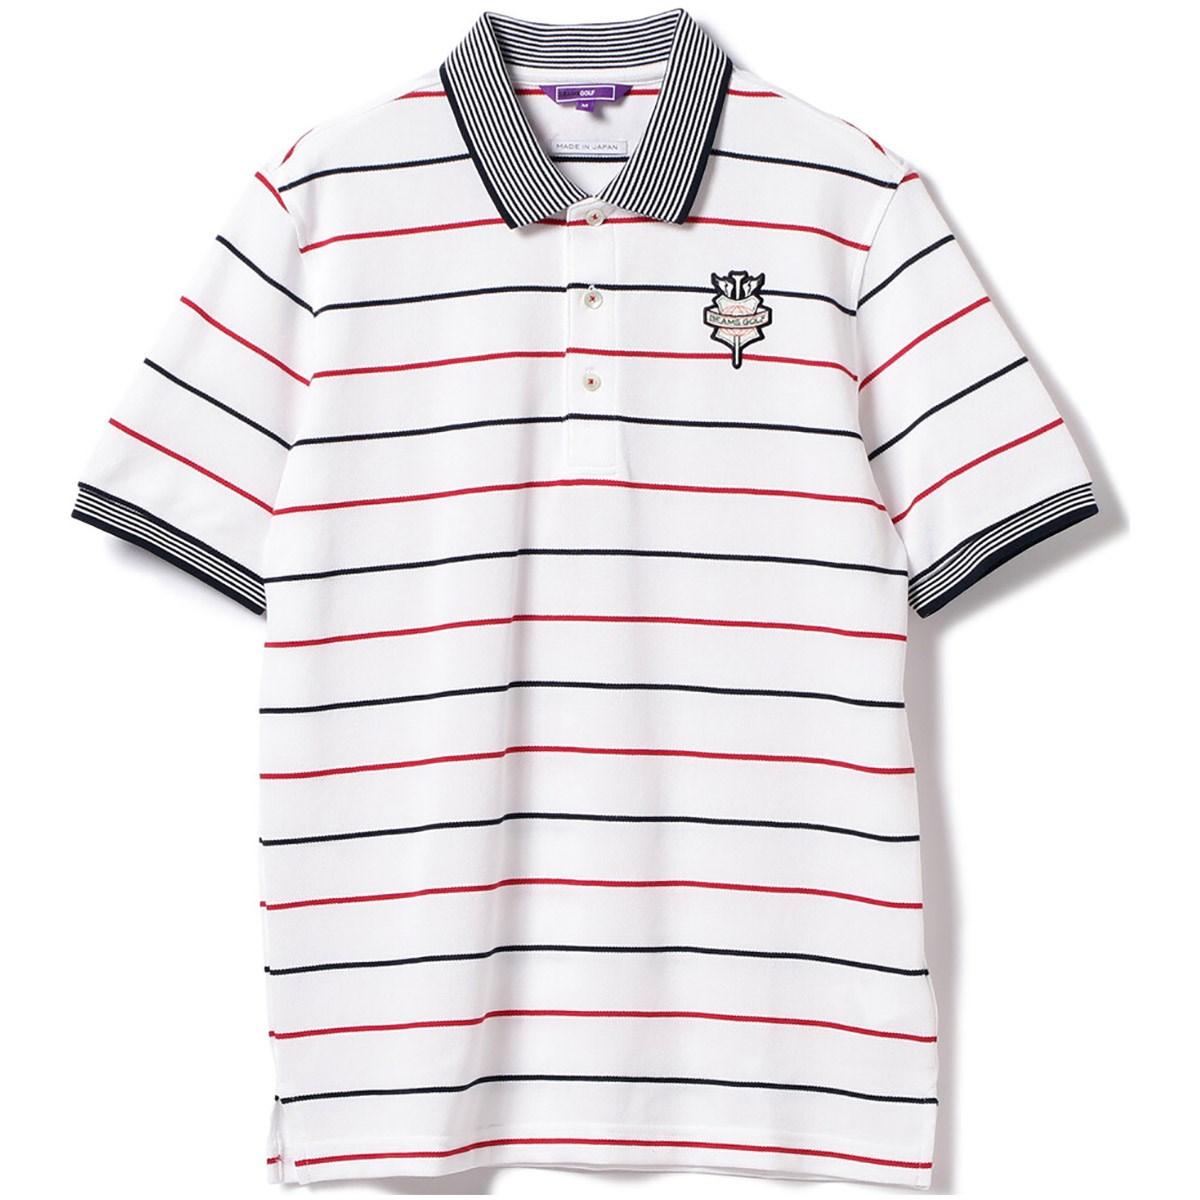 ビームスゴルフ BEAMS GOLF PURPLE LABEL ボーダー ポロシャツ